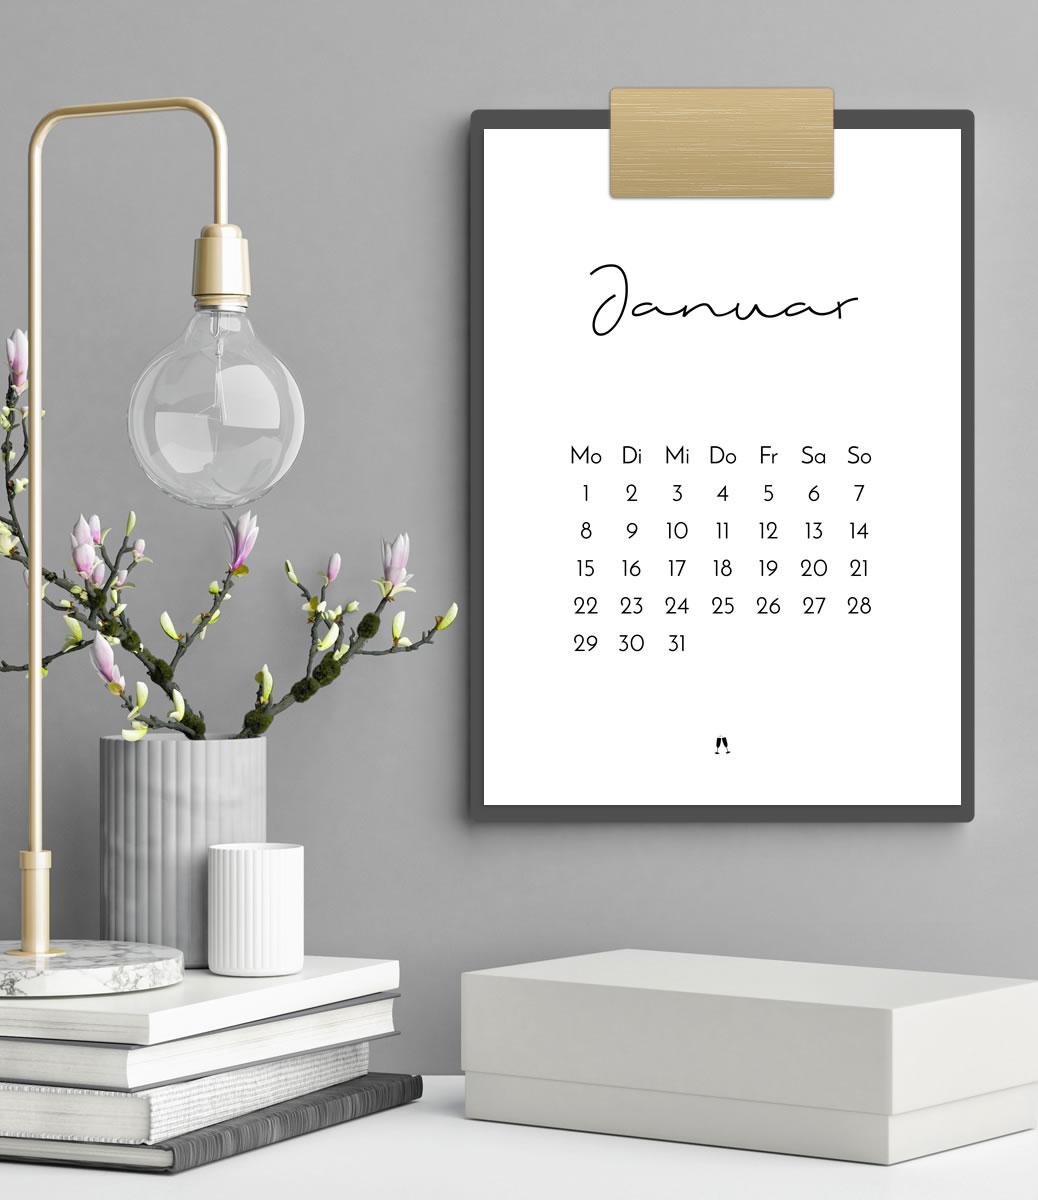 Minimalistischer Kalender 2018 (Druckvorlage/Printable, A4)   Filizity.com   Interior- & DIY-Blog und Shop